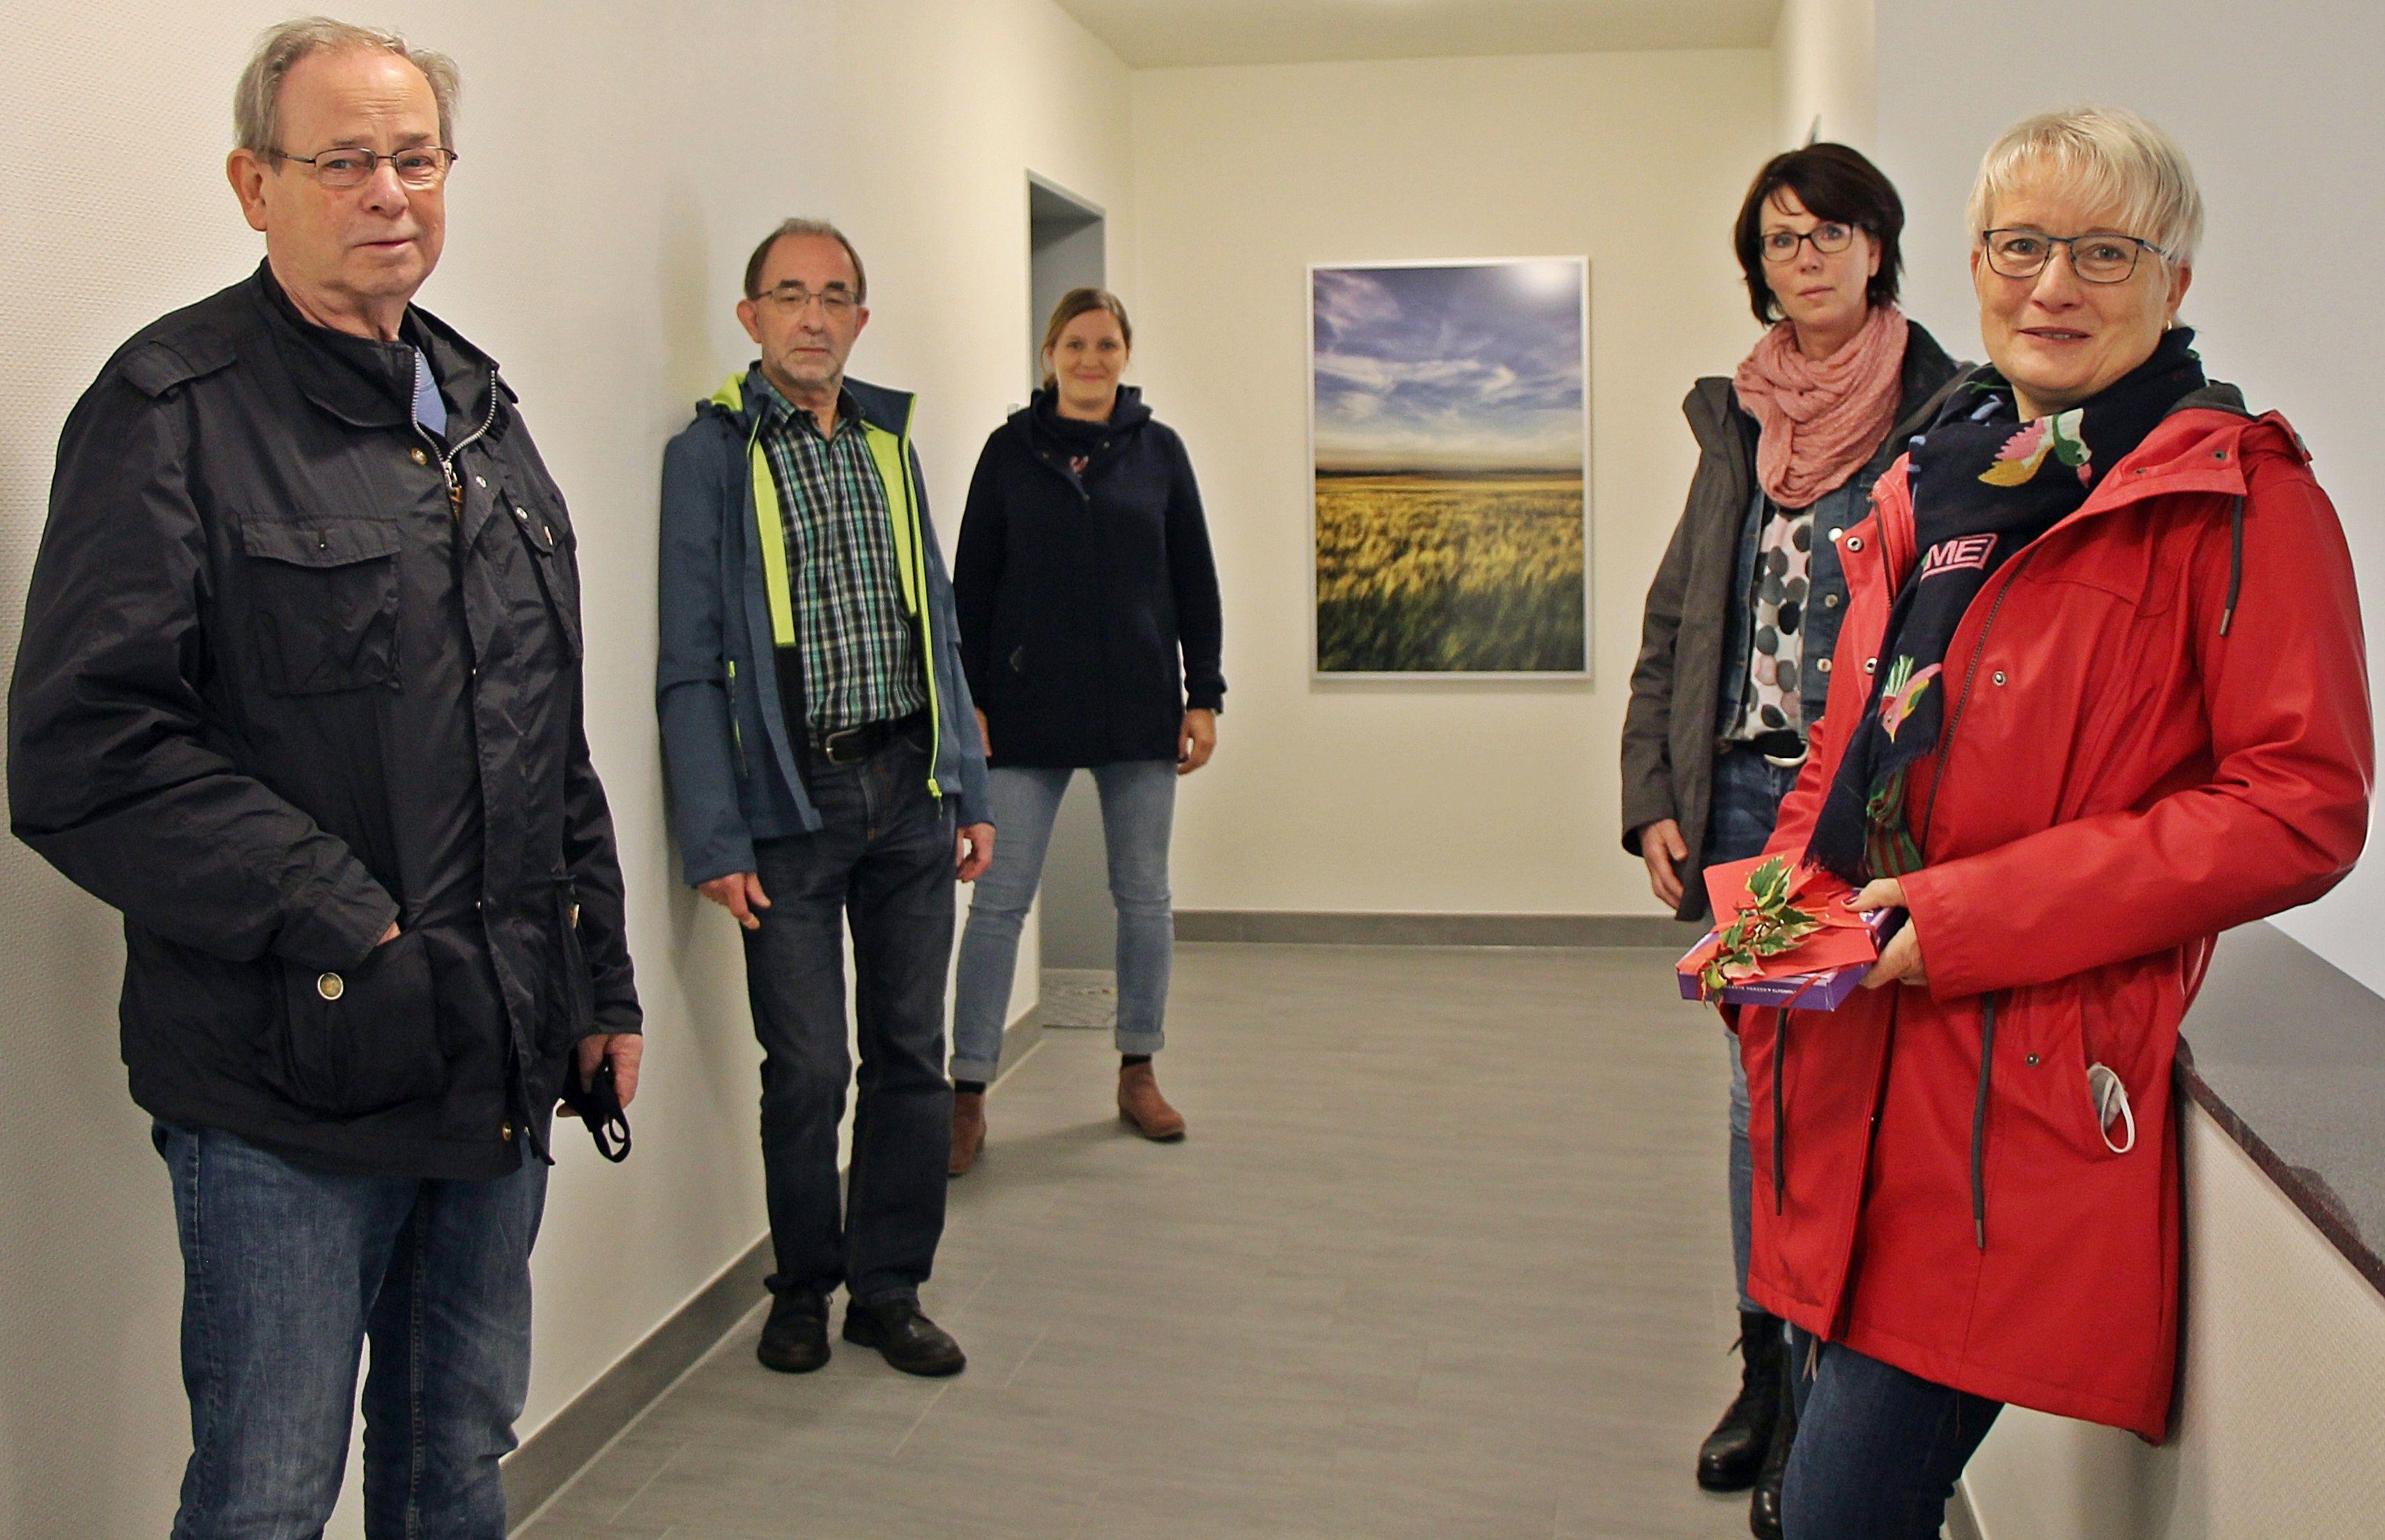 """Ihnen gefällt es: Das Foto-Projekt """"Wandverschönerung"""" haben (von links) Roland Perian, Ralf Weier, Jennifer Rickelmann, Claudia Steinkamp sowie Andrea Weßling umgesetzt. Foto: Oevermann"""